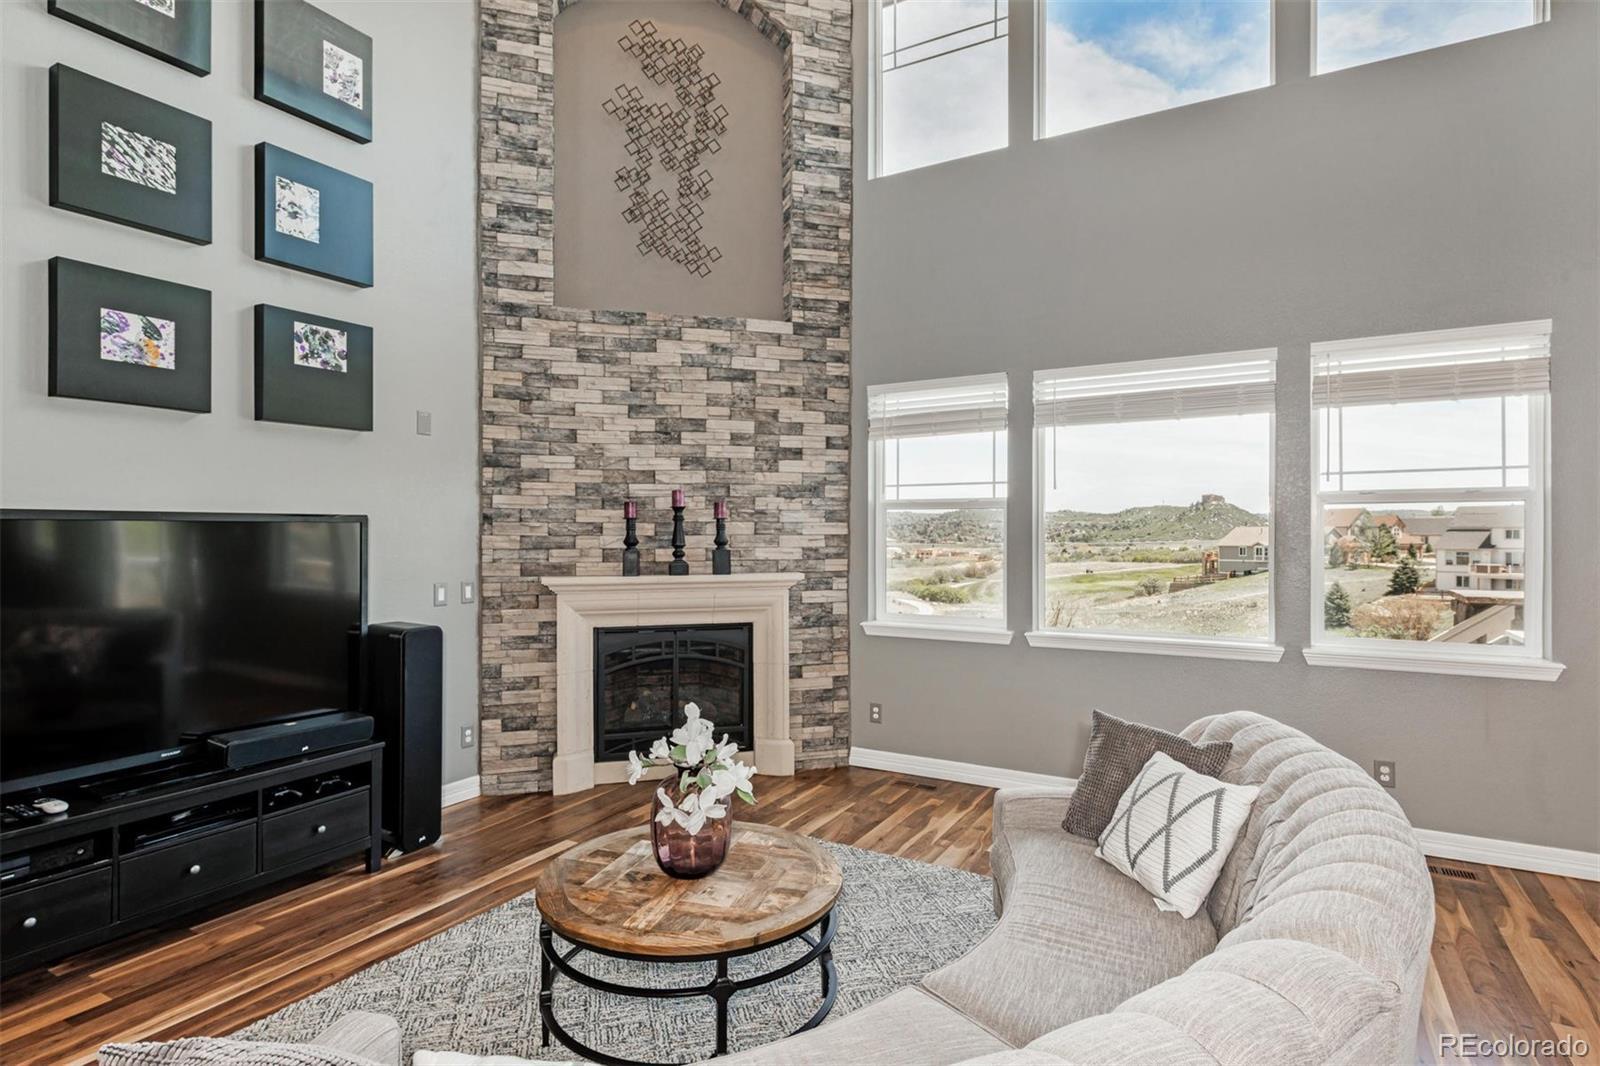 MLS# 6520057 - 5 - 1556 Bent Wedge Point , Castle Rock, CO 80109